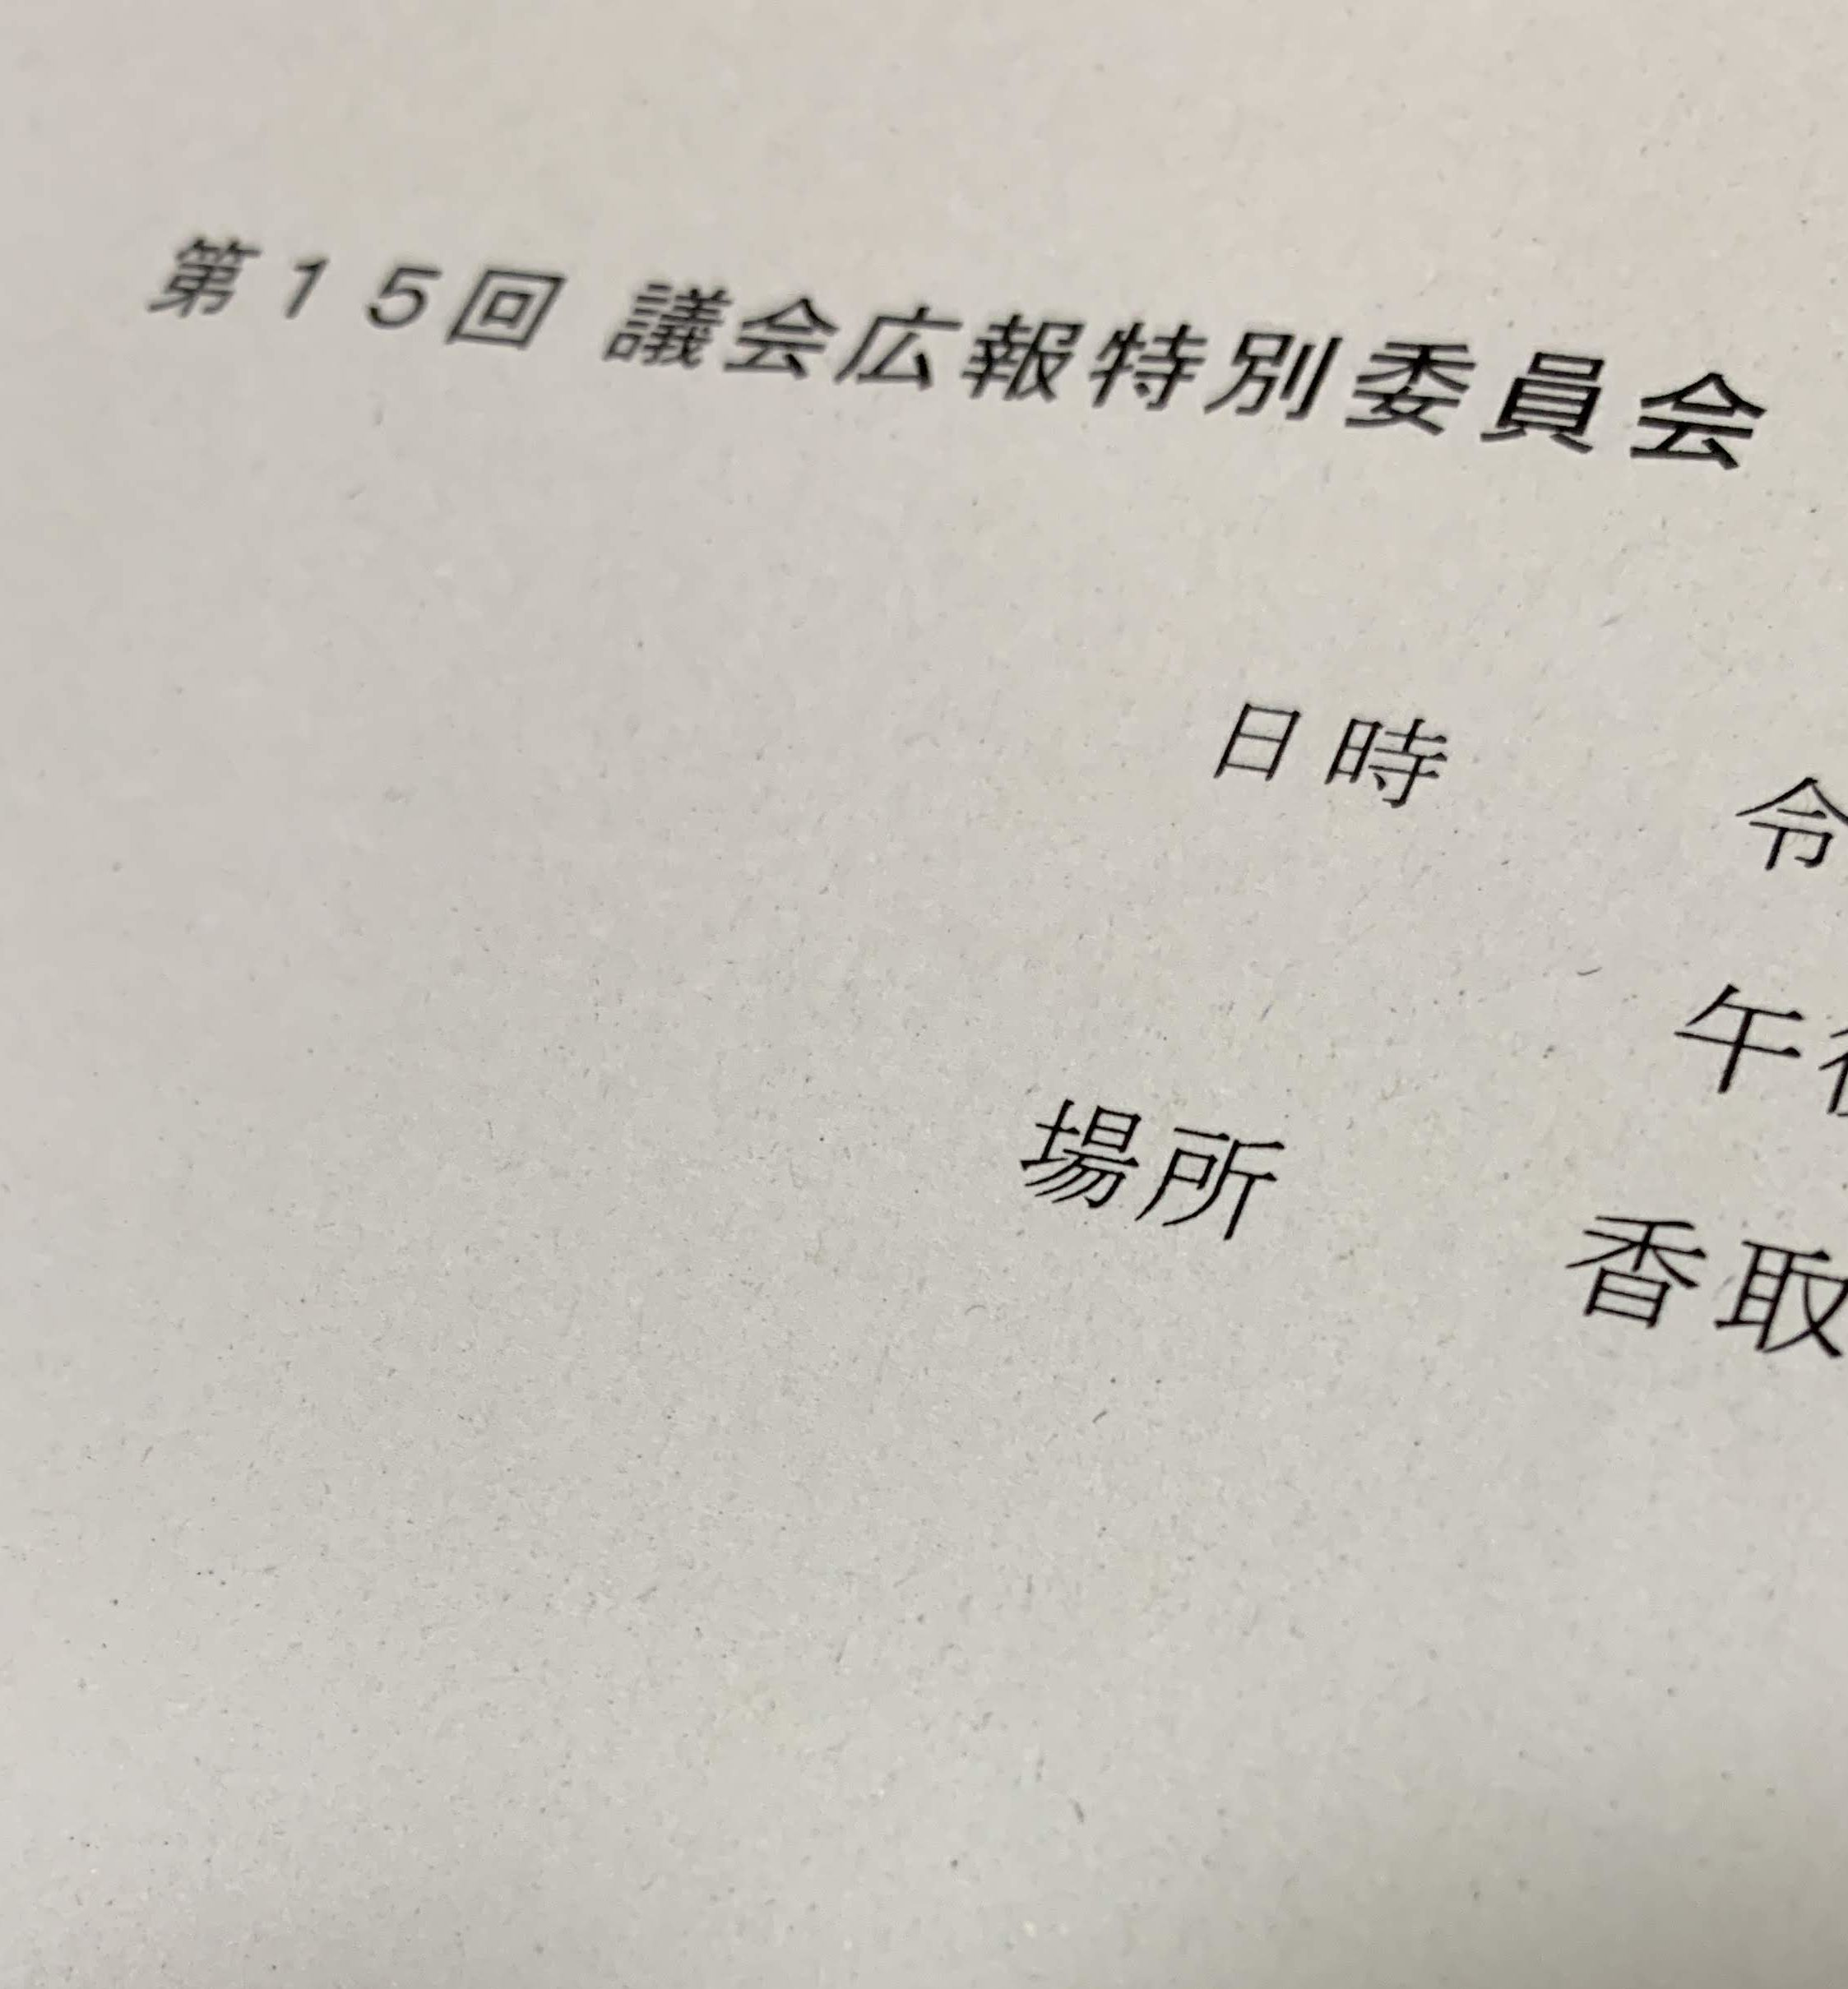 第15回議会広報特別委員会